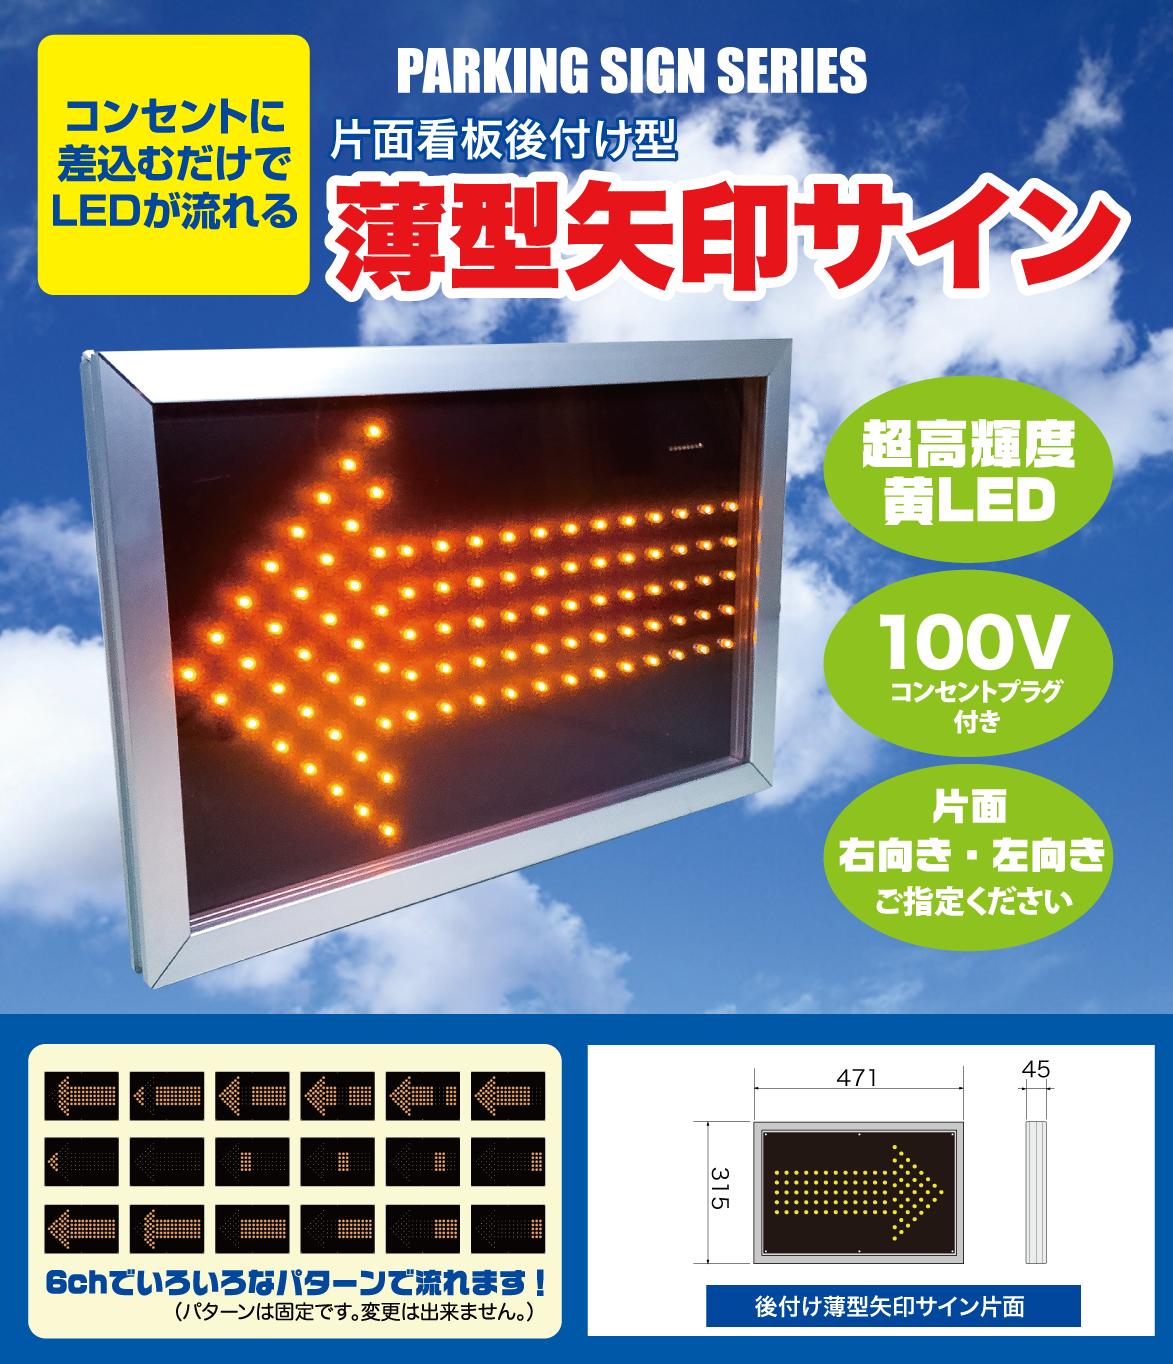 薄型矢印サイン 矢印型の高輝度黄色LEDのご紹介画像です。